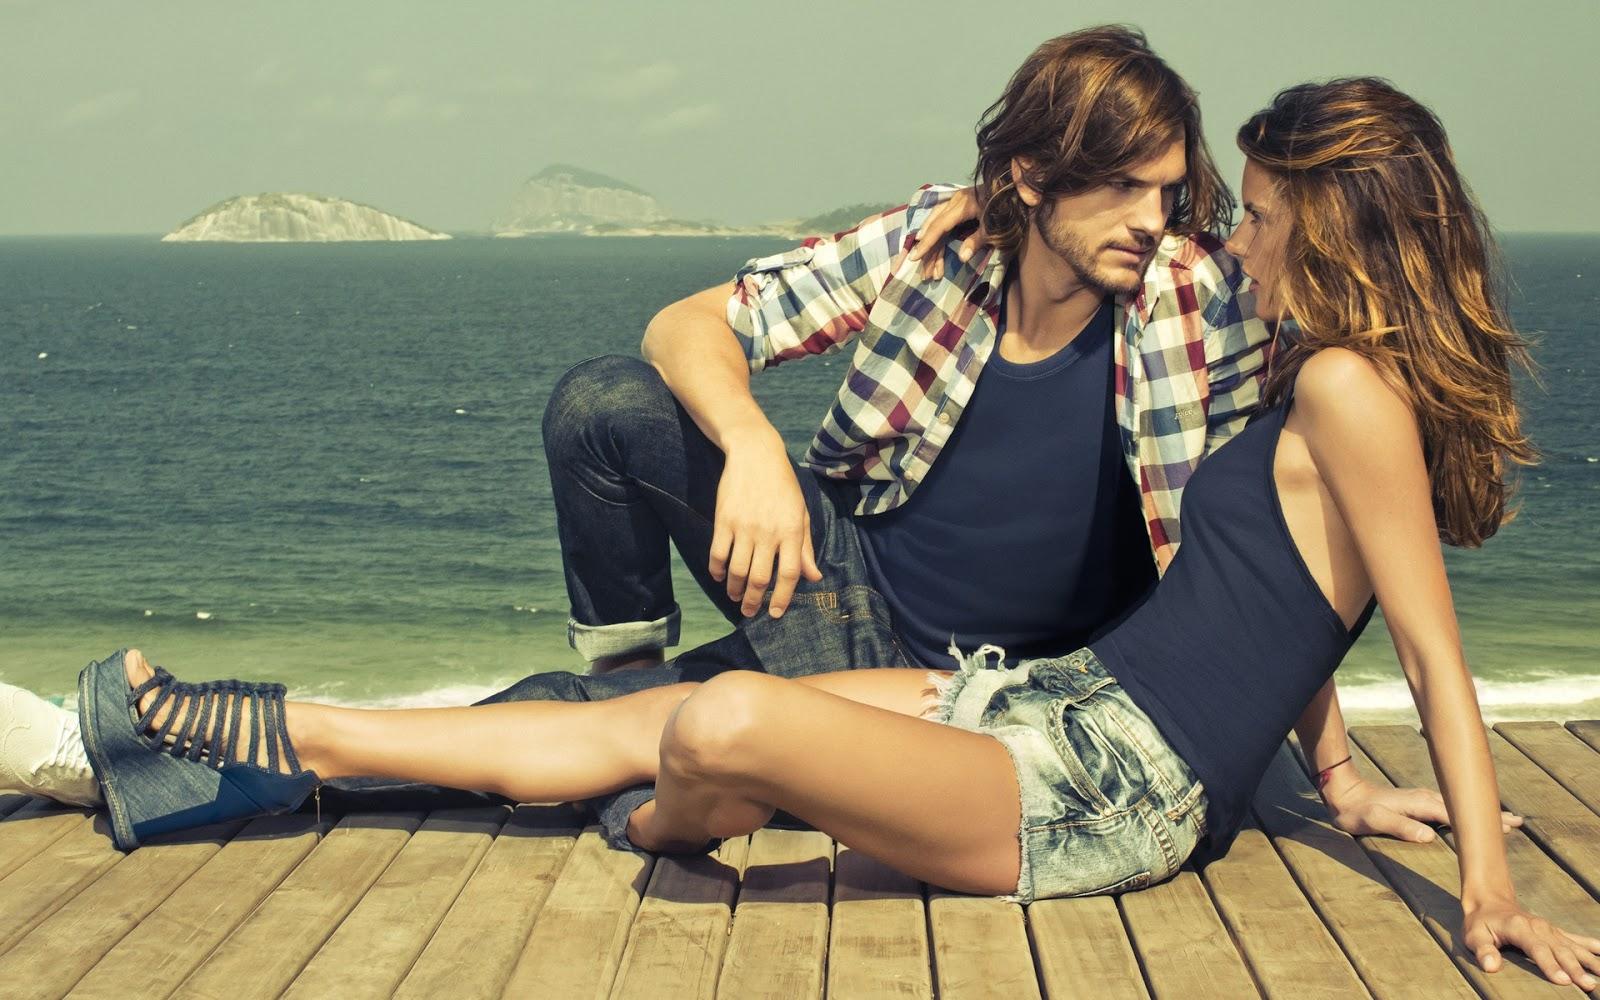 بالصور صور احضان متحركه , اجمل صور لحظات رومانسيه 2147 5